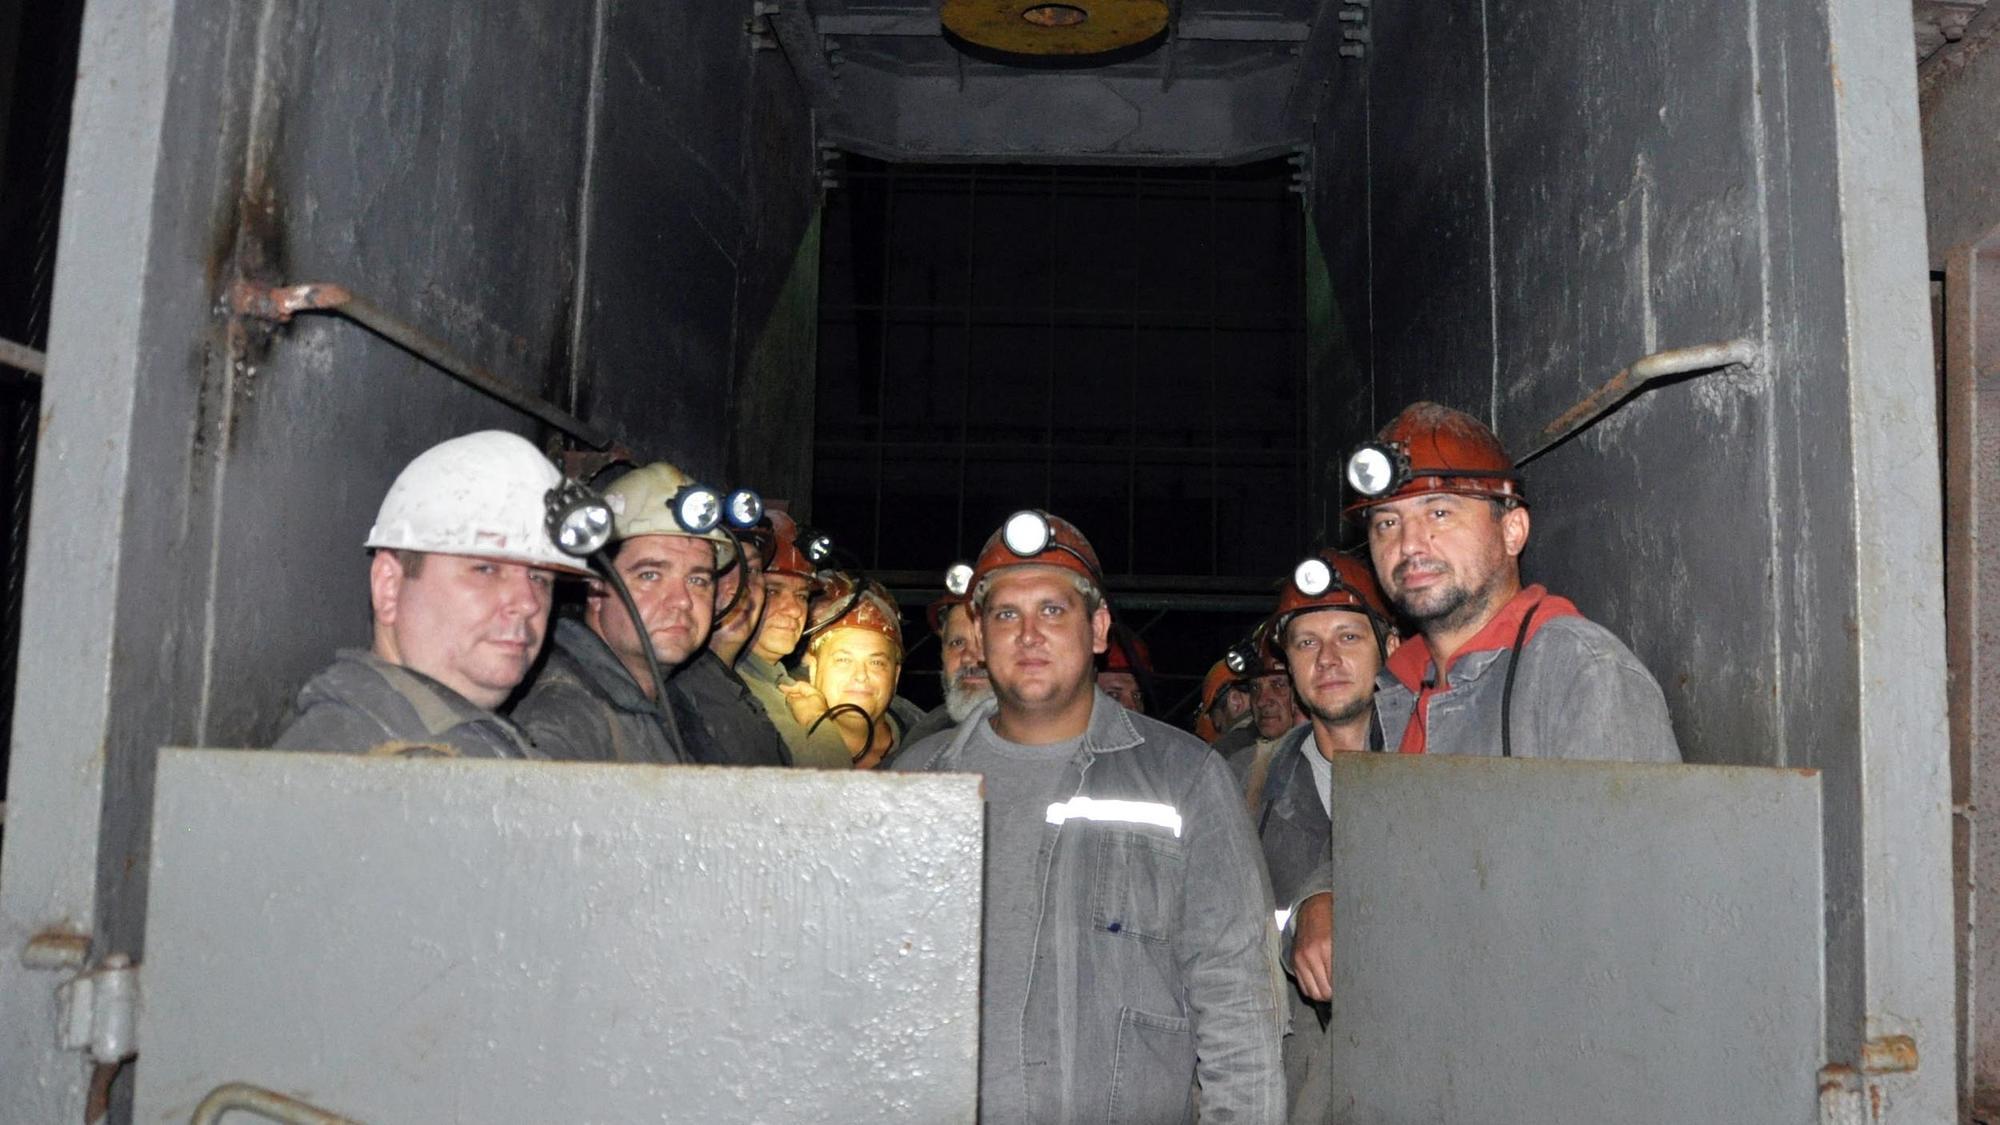 шахтеры спускаются в соляную шахту в Соледаре